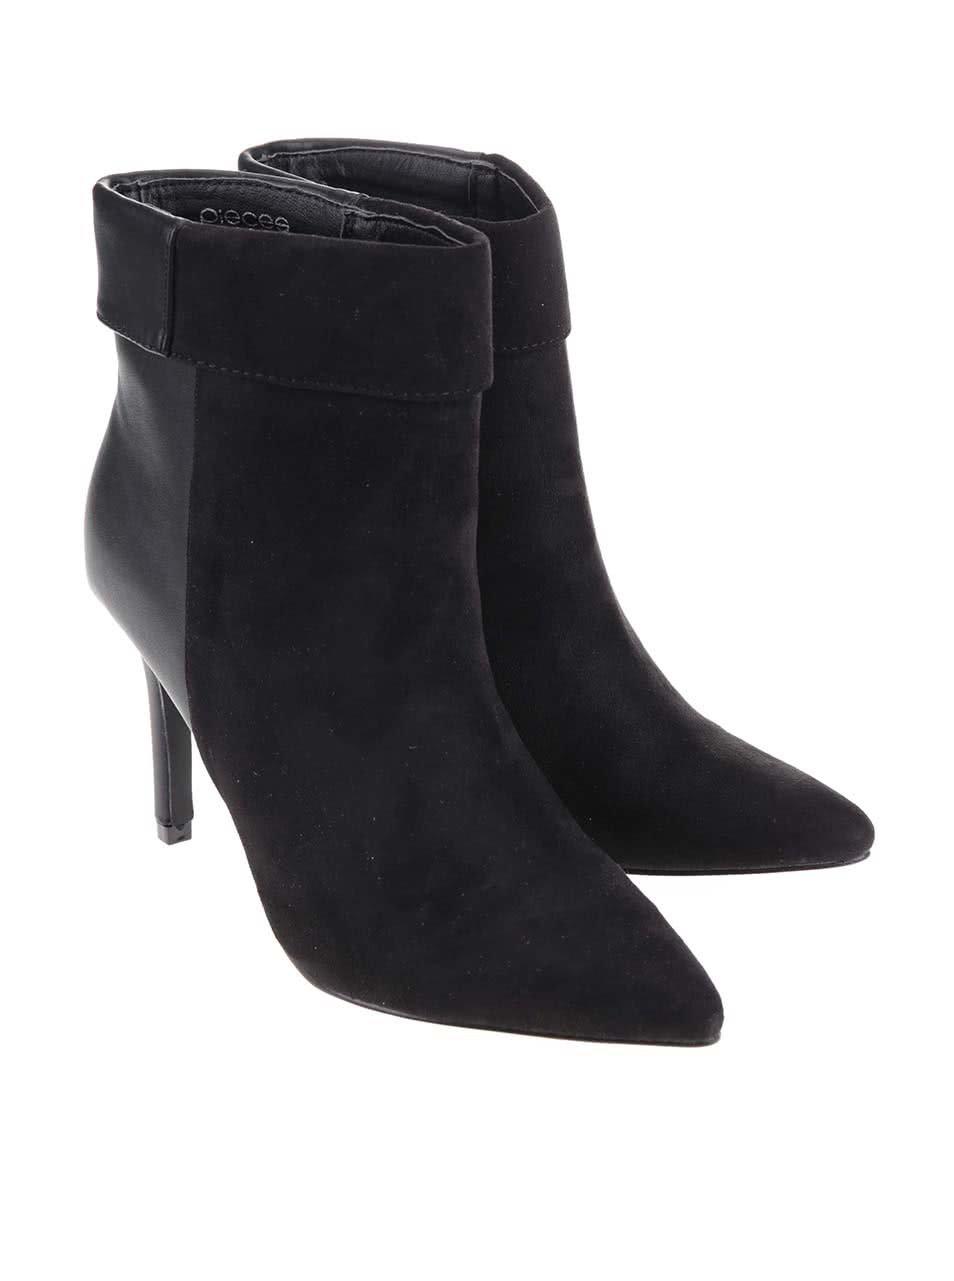 Čierne členkové topánky na podpätku Pieces Valerie ... 13dd2f0d8c5